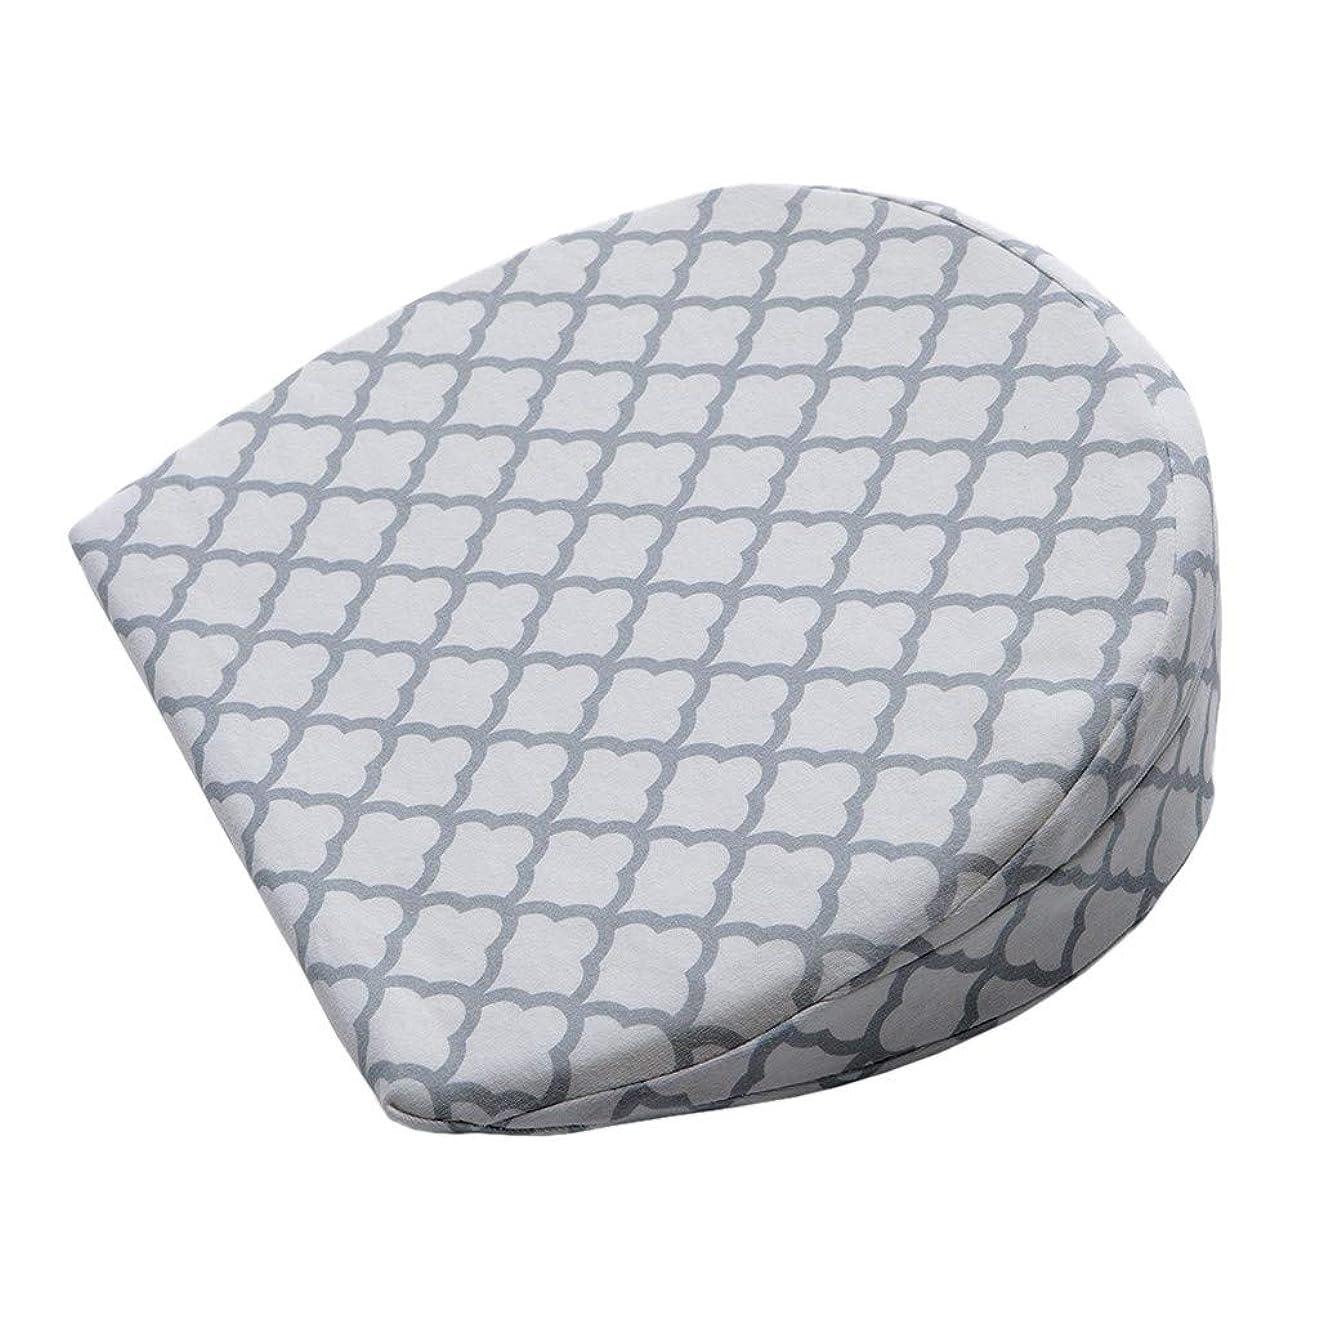 の前で計画的考慮抱き枕 枕 抱きまくら 腰枕 U型 ネックピロー 背もたれクッション 洗える 妊婦 出産祝い 快眠 横向き寝枕 男女兼用プレゼント (灰色)